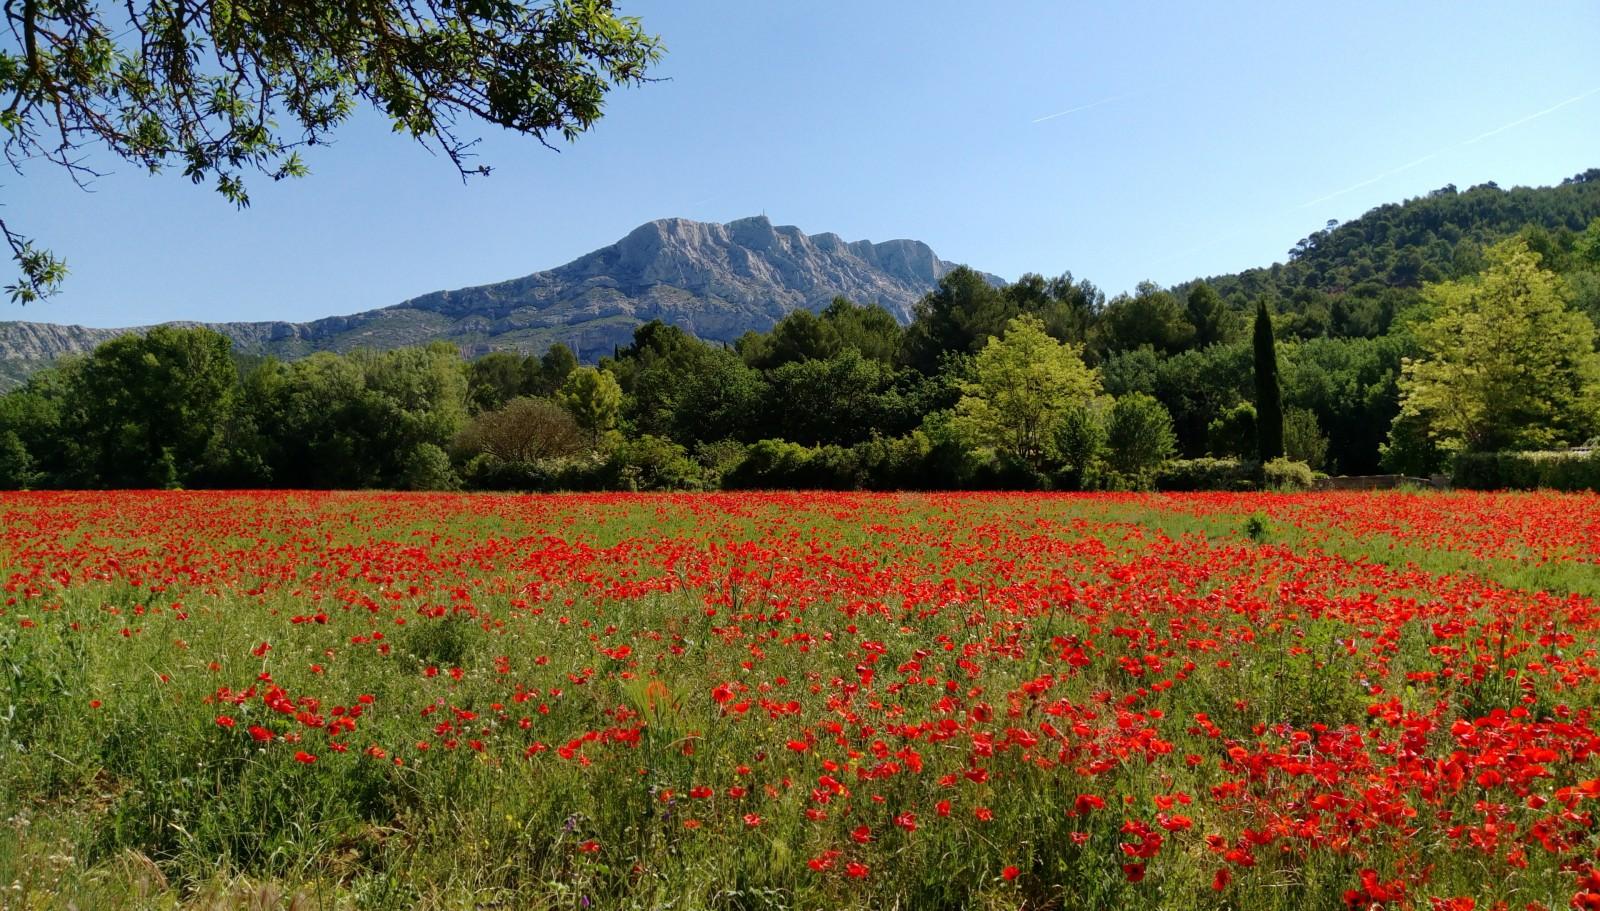 Fleurs et montagne Sainte-Victoire